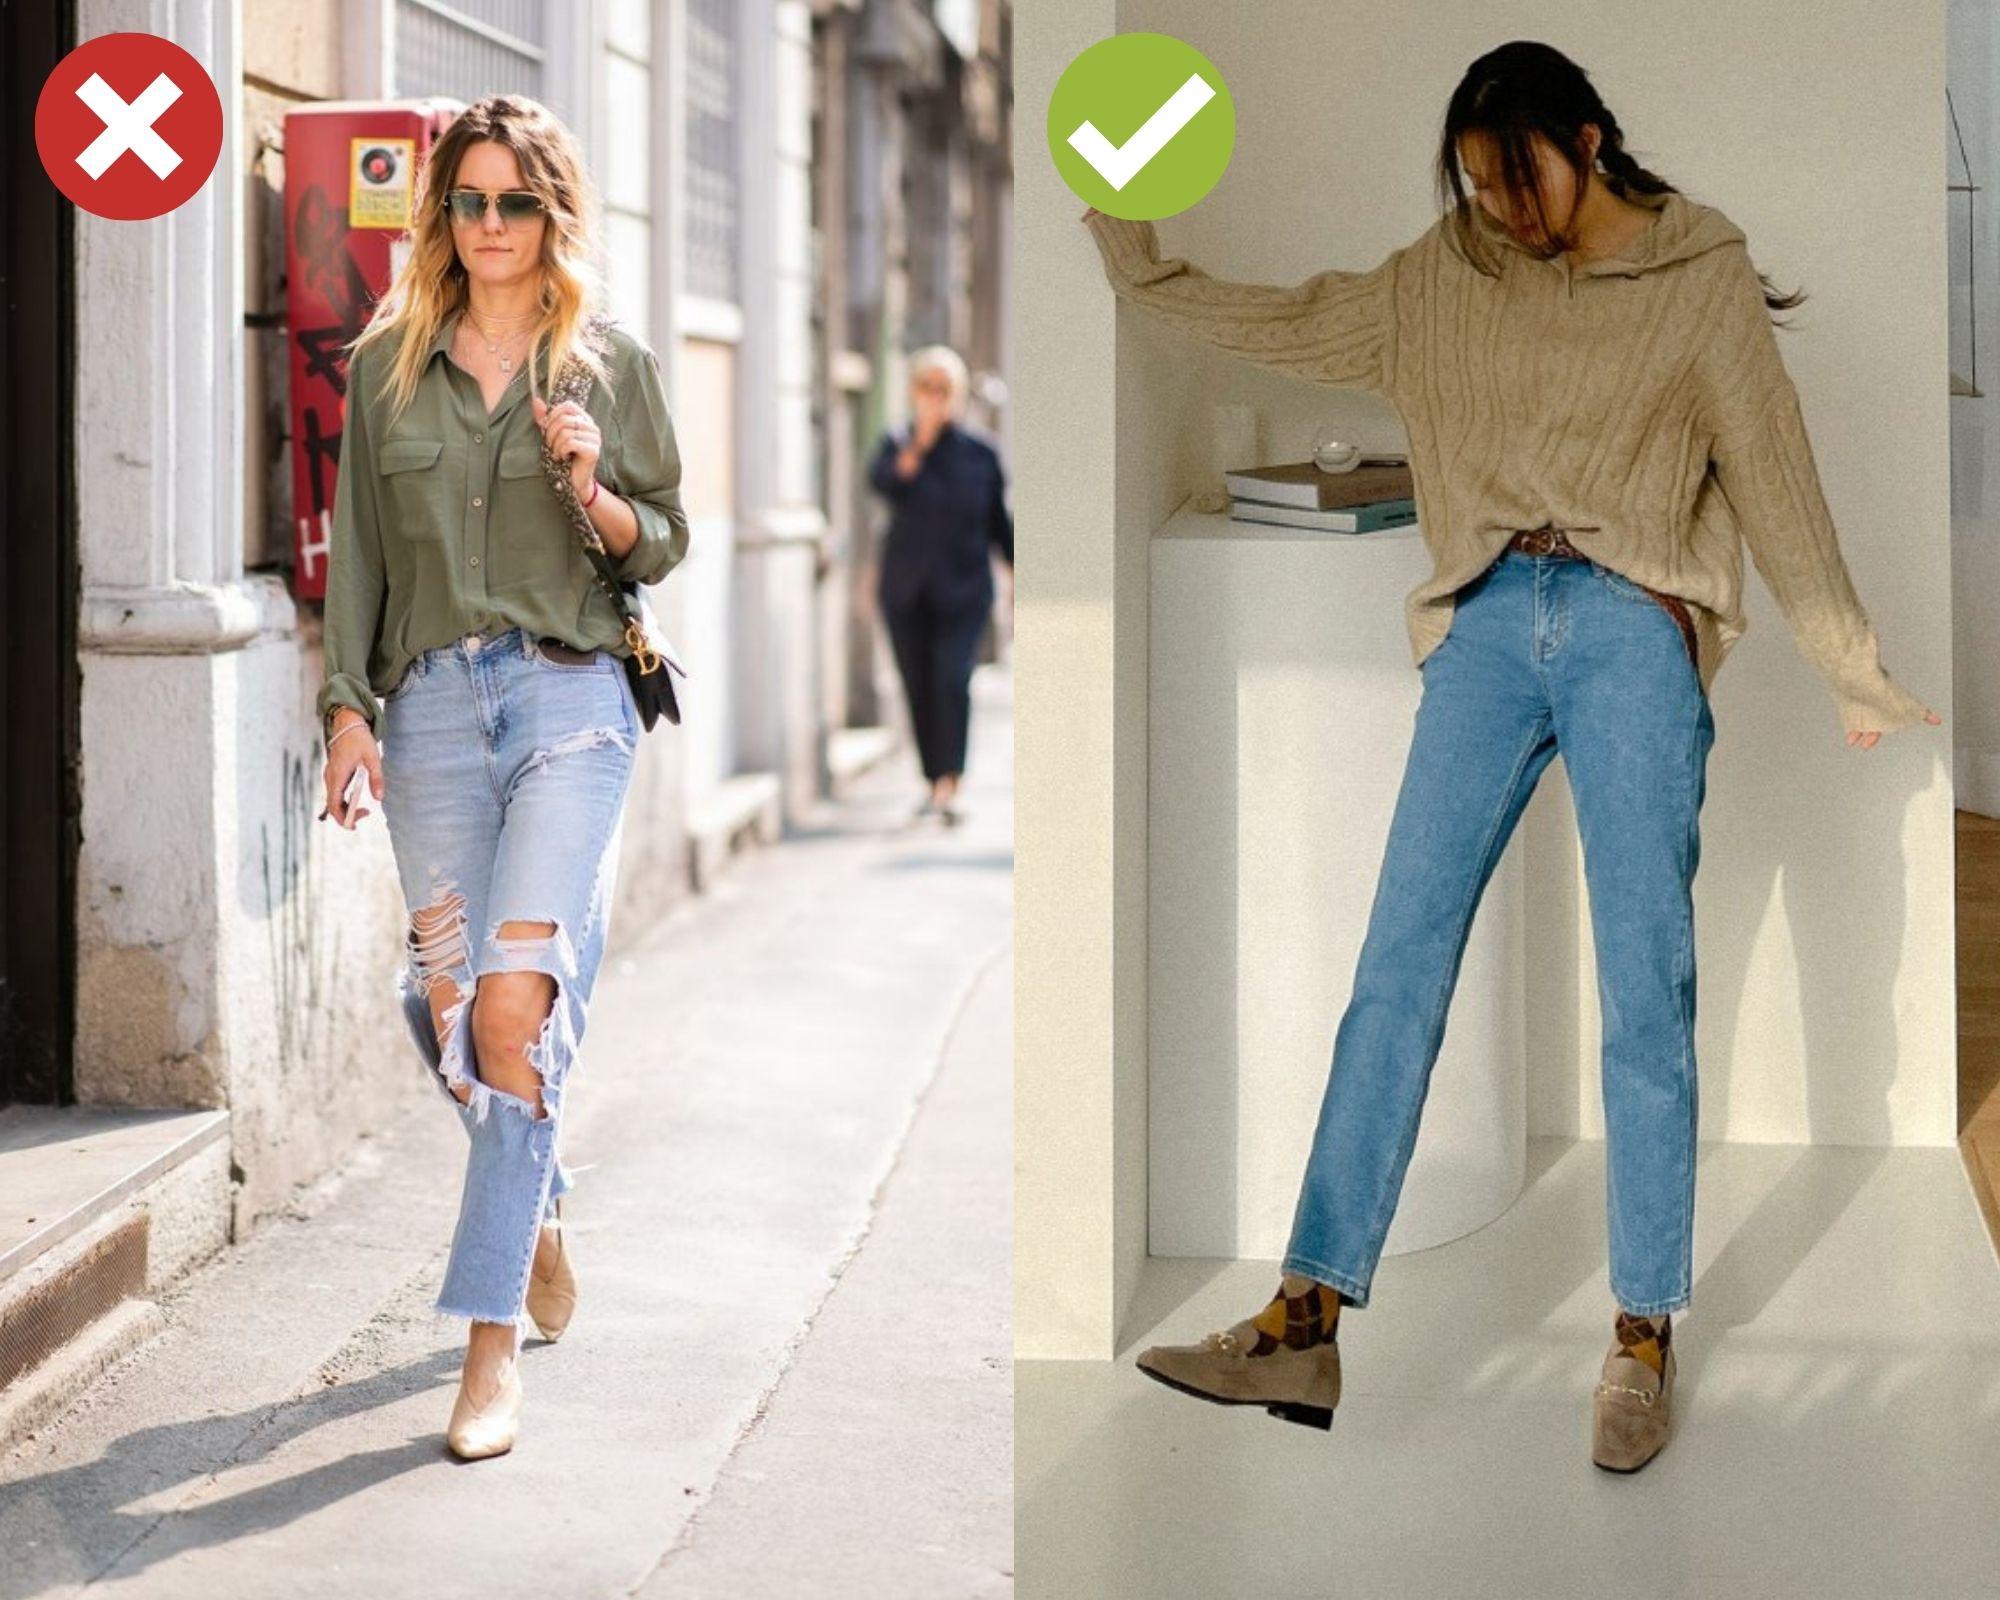 5 mẫu quần dài tuyệt đối không nên sắm cho Tết: Diện lên rất lỗi thời và có khi còn thiếu cả sự tinh tế - Ảnh 5.